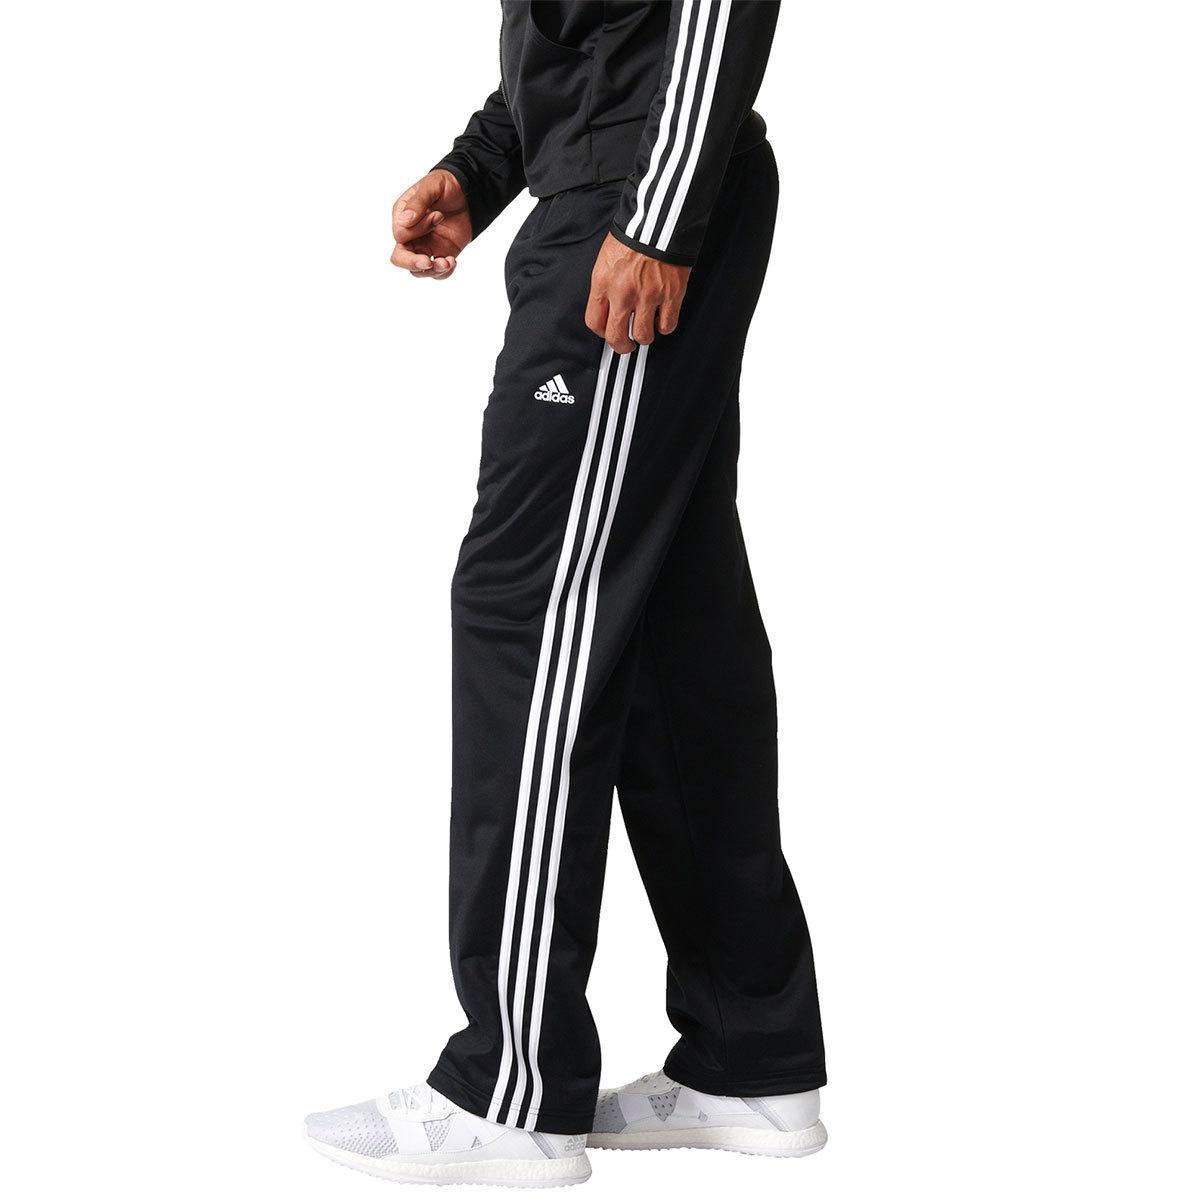 adidas men's essentials tricot zipper pants